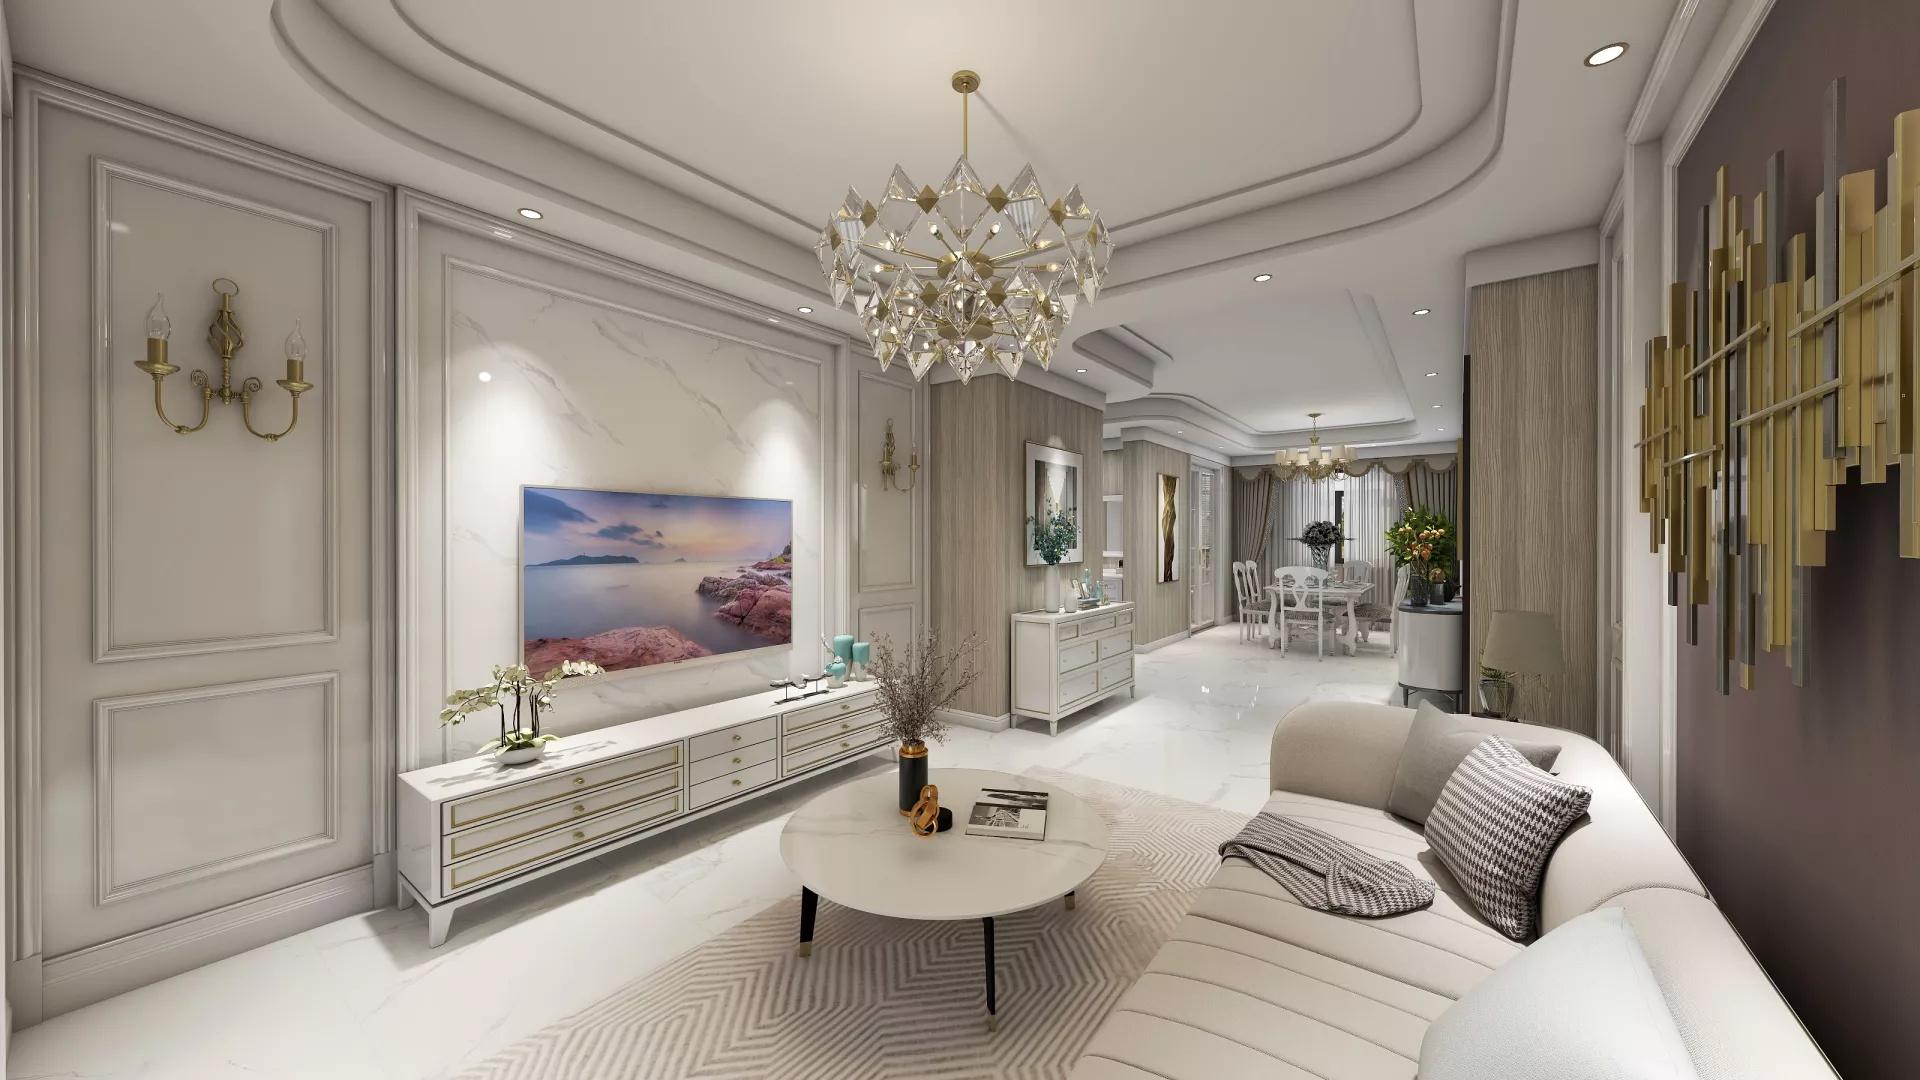 杭州南风装饰工程有限公司